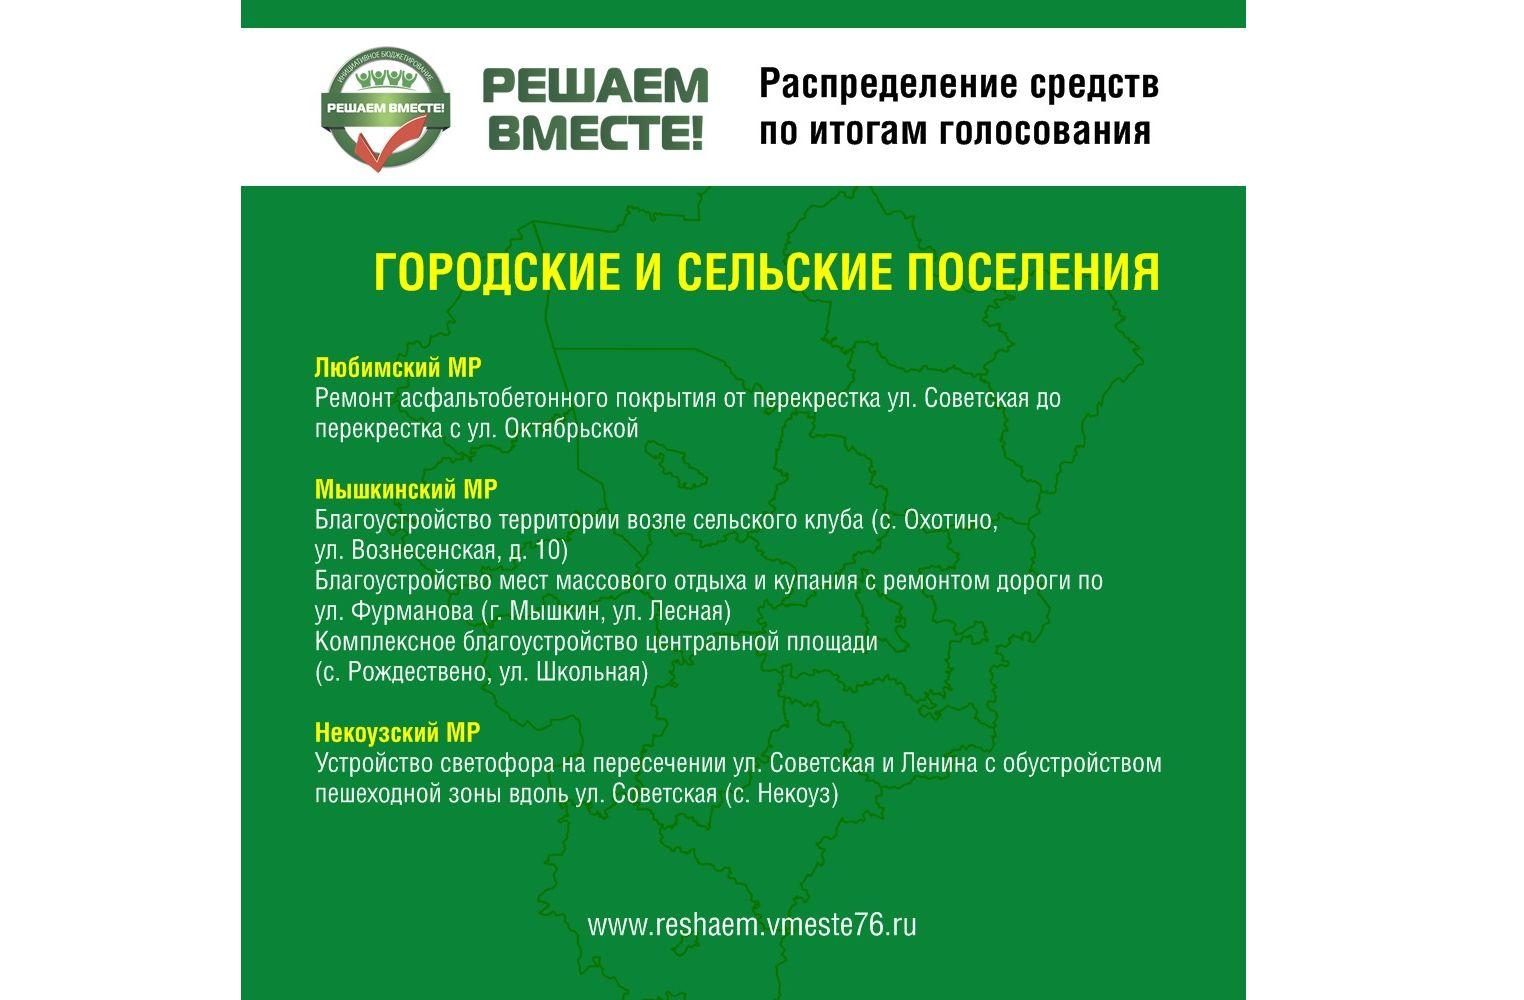 Дмитрий Миронов: в Ярославской области подвели итоги голосования по дополнительным объектам «Решаем вместе!»